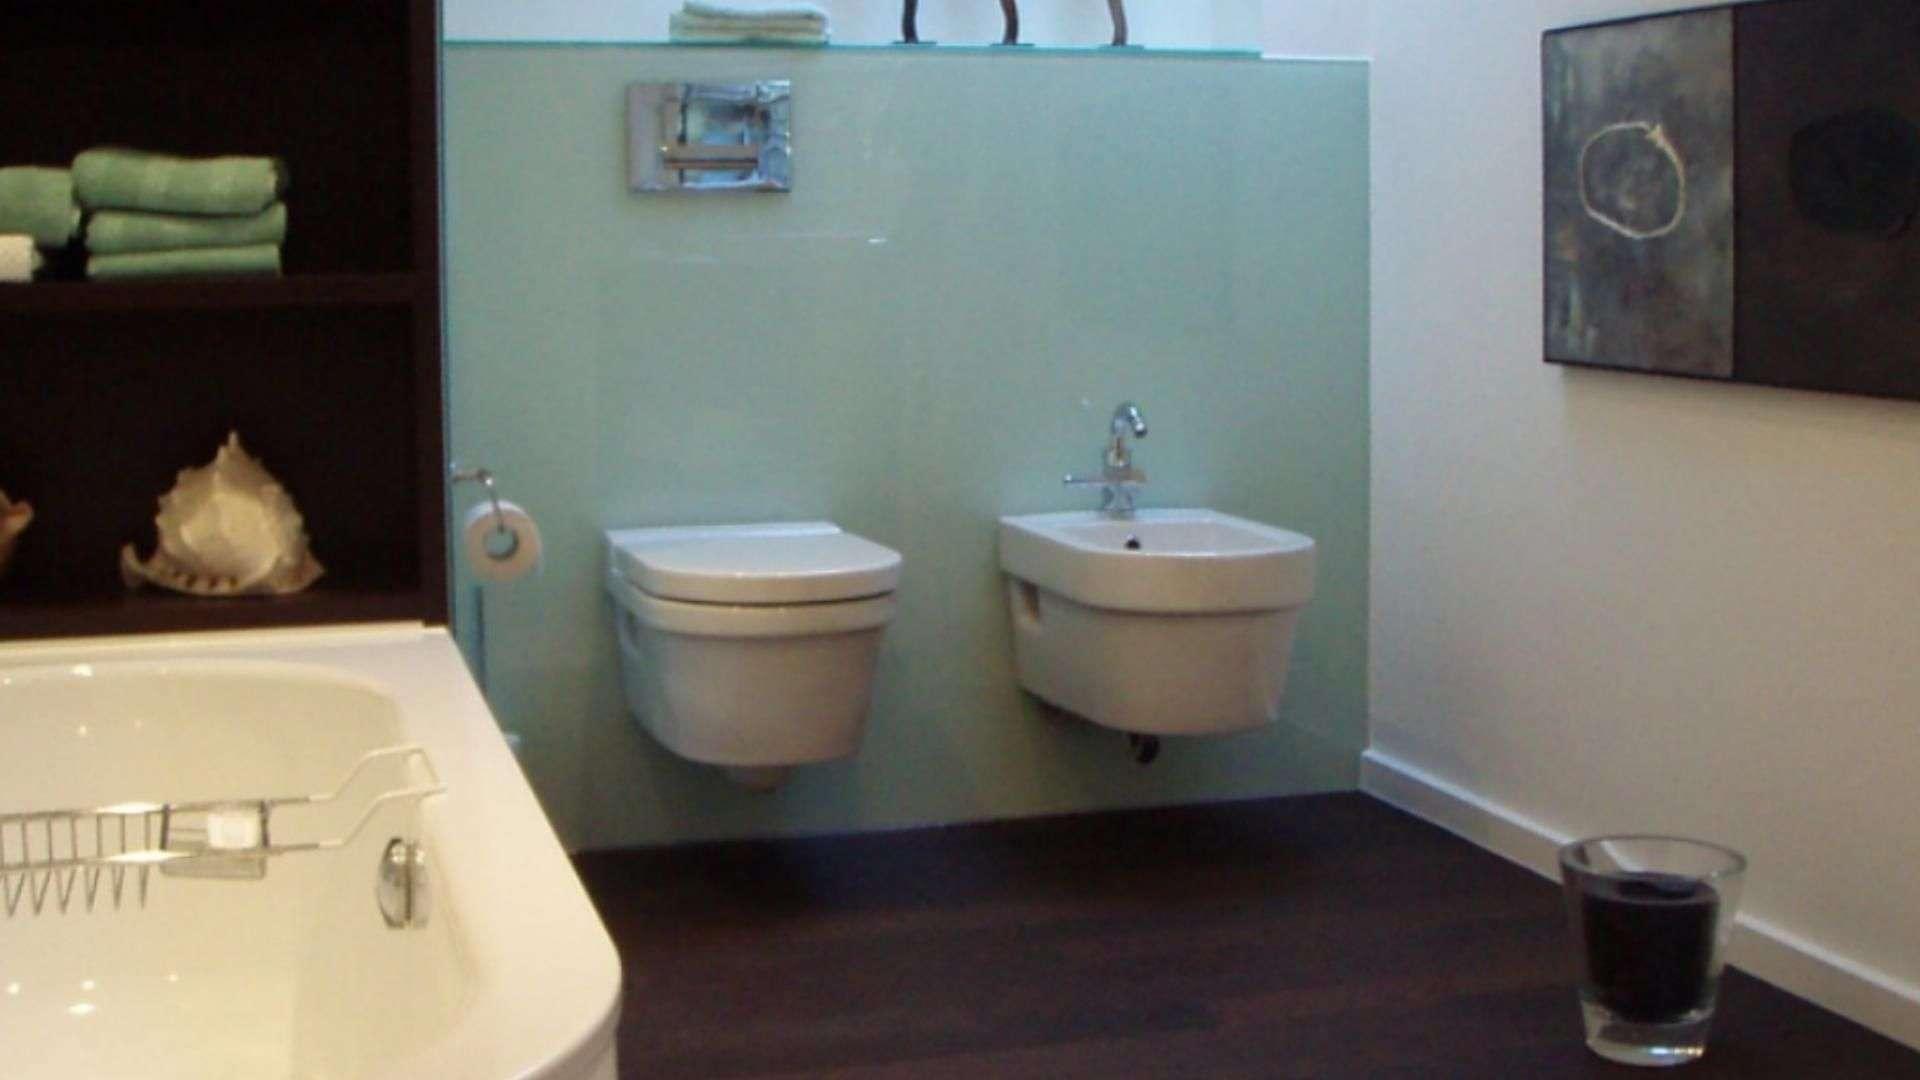 Glasrückwand hinter einer Toilette